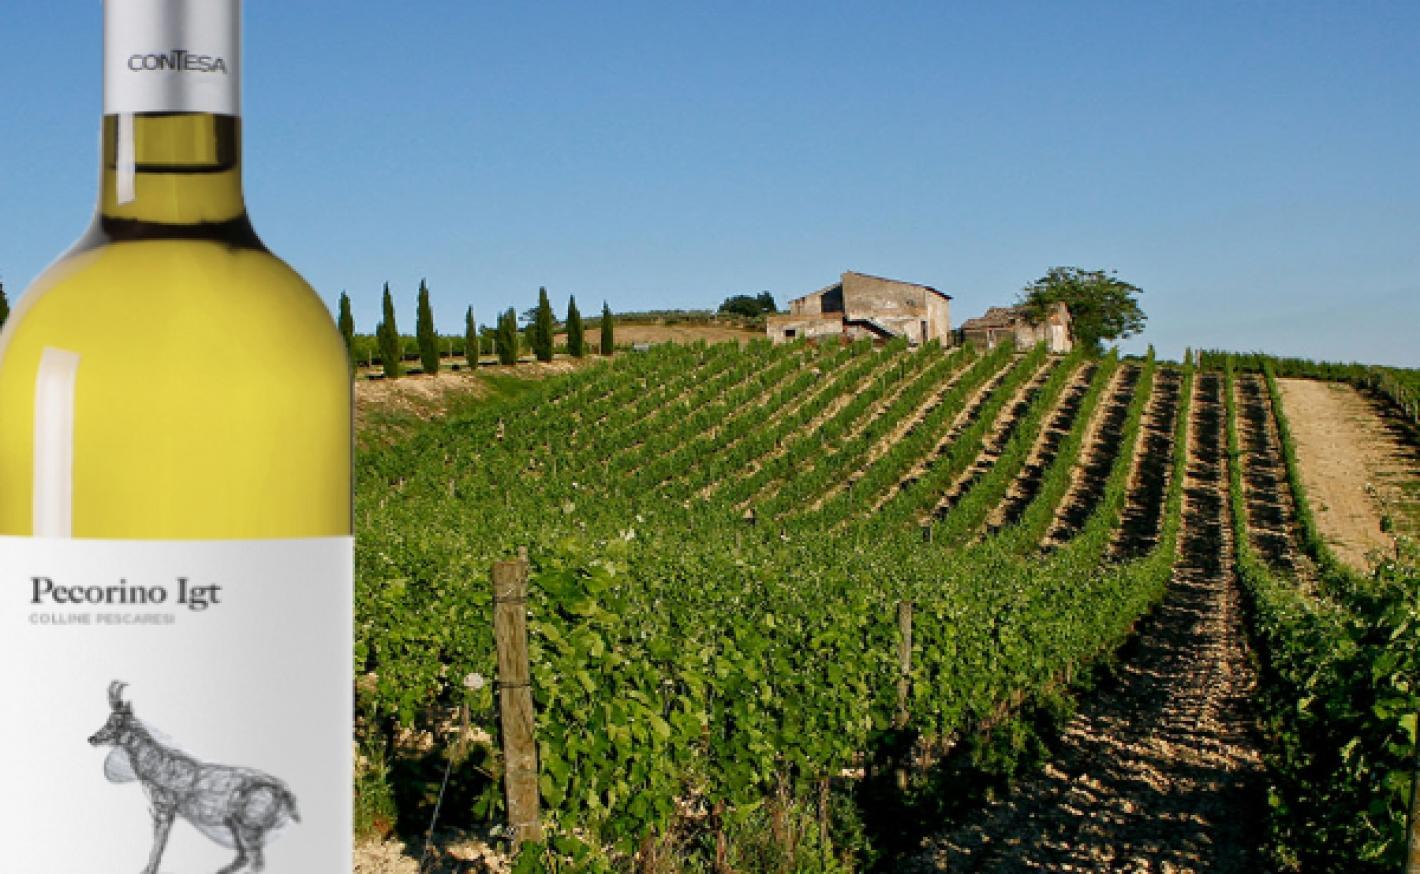 Contesa - New Arrivals from Abruzzo